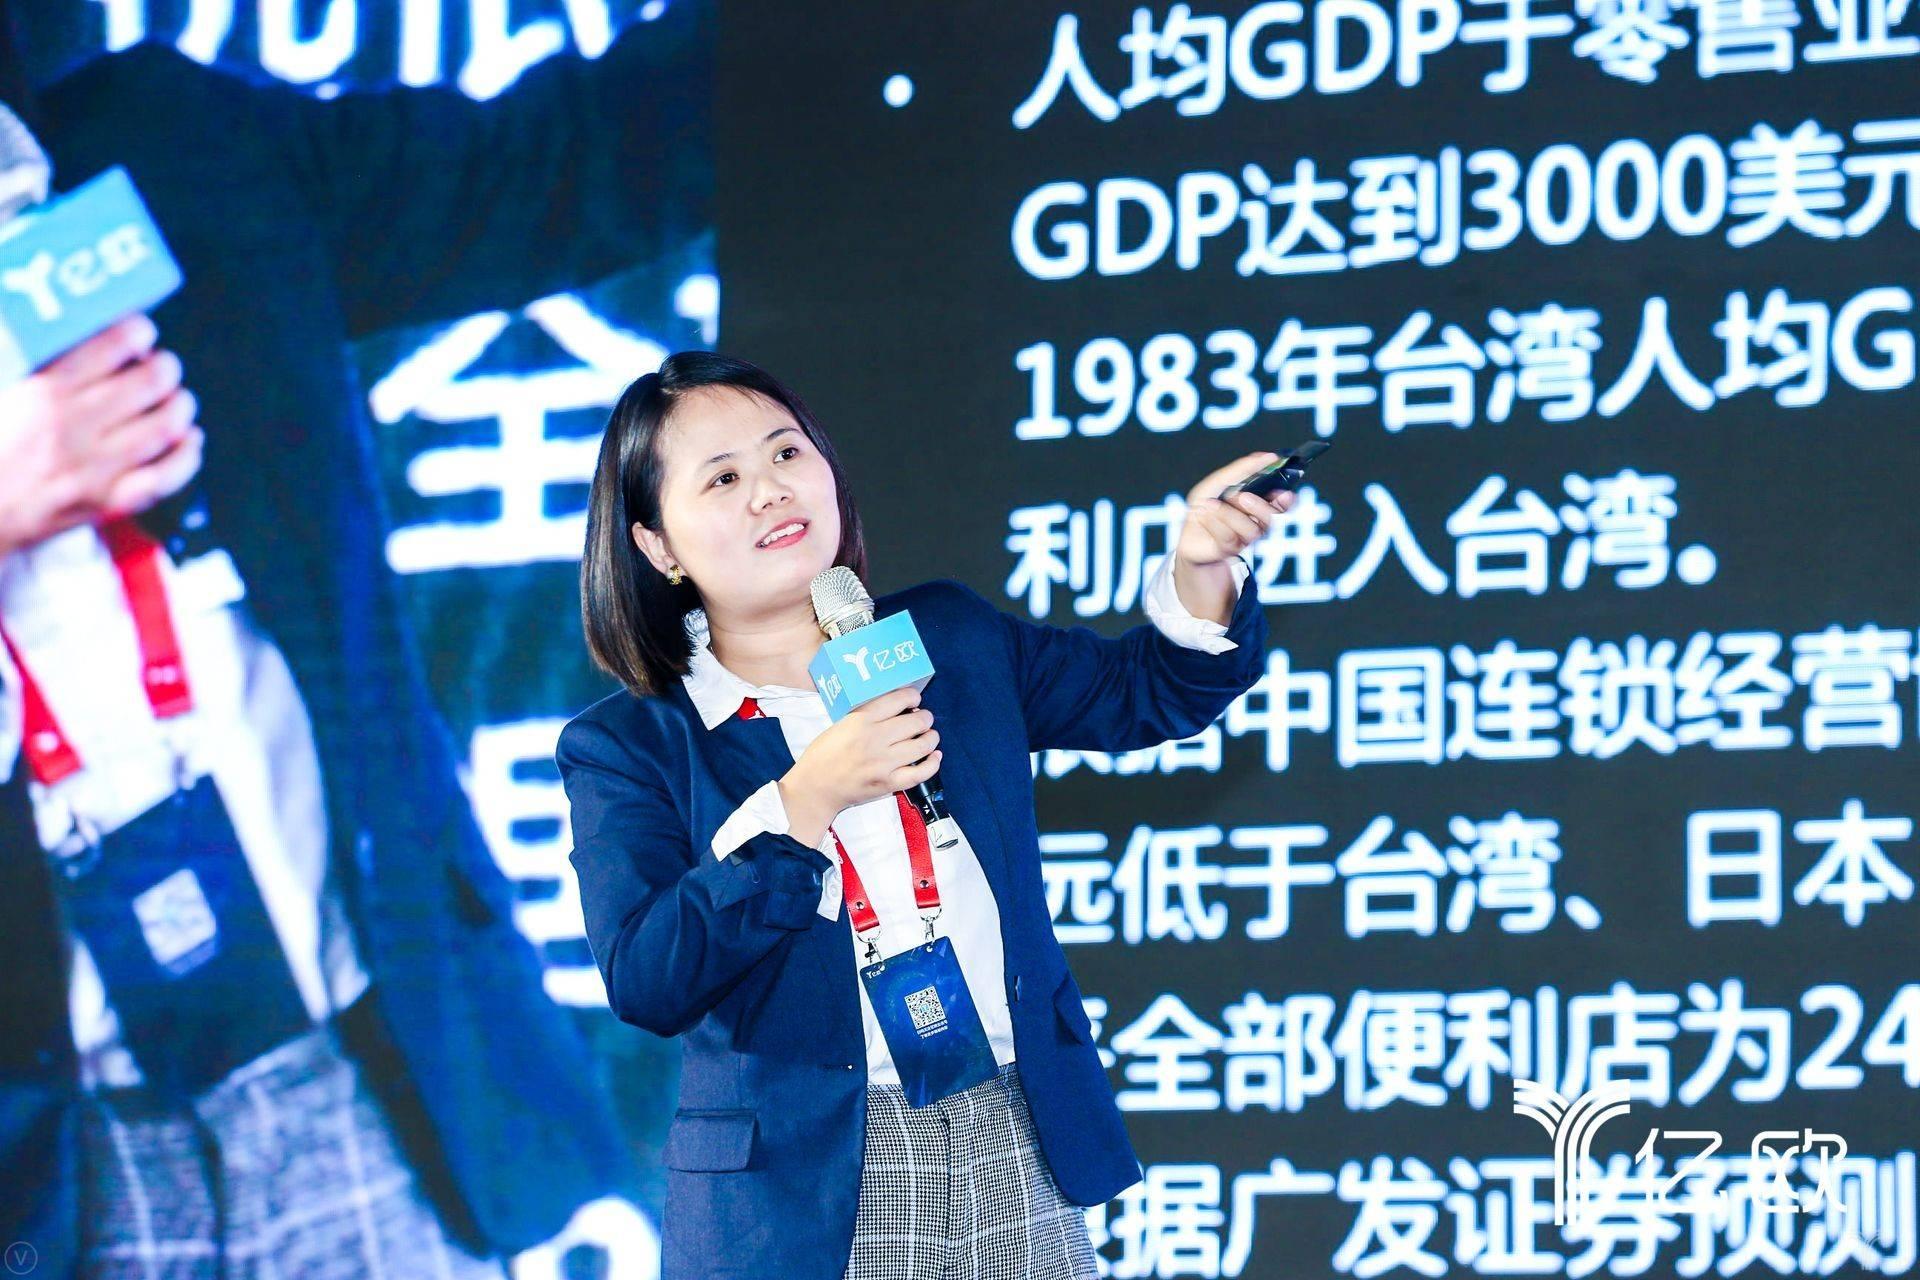 春曉資本投資副總裁潘金菊:為什么便利店會成為風口?